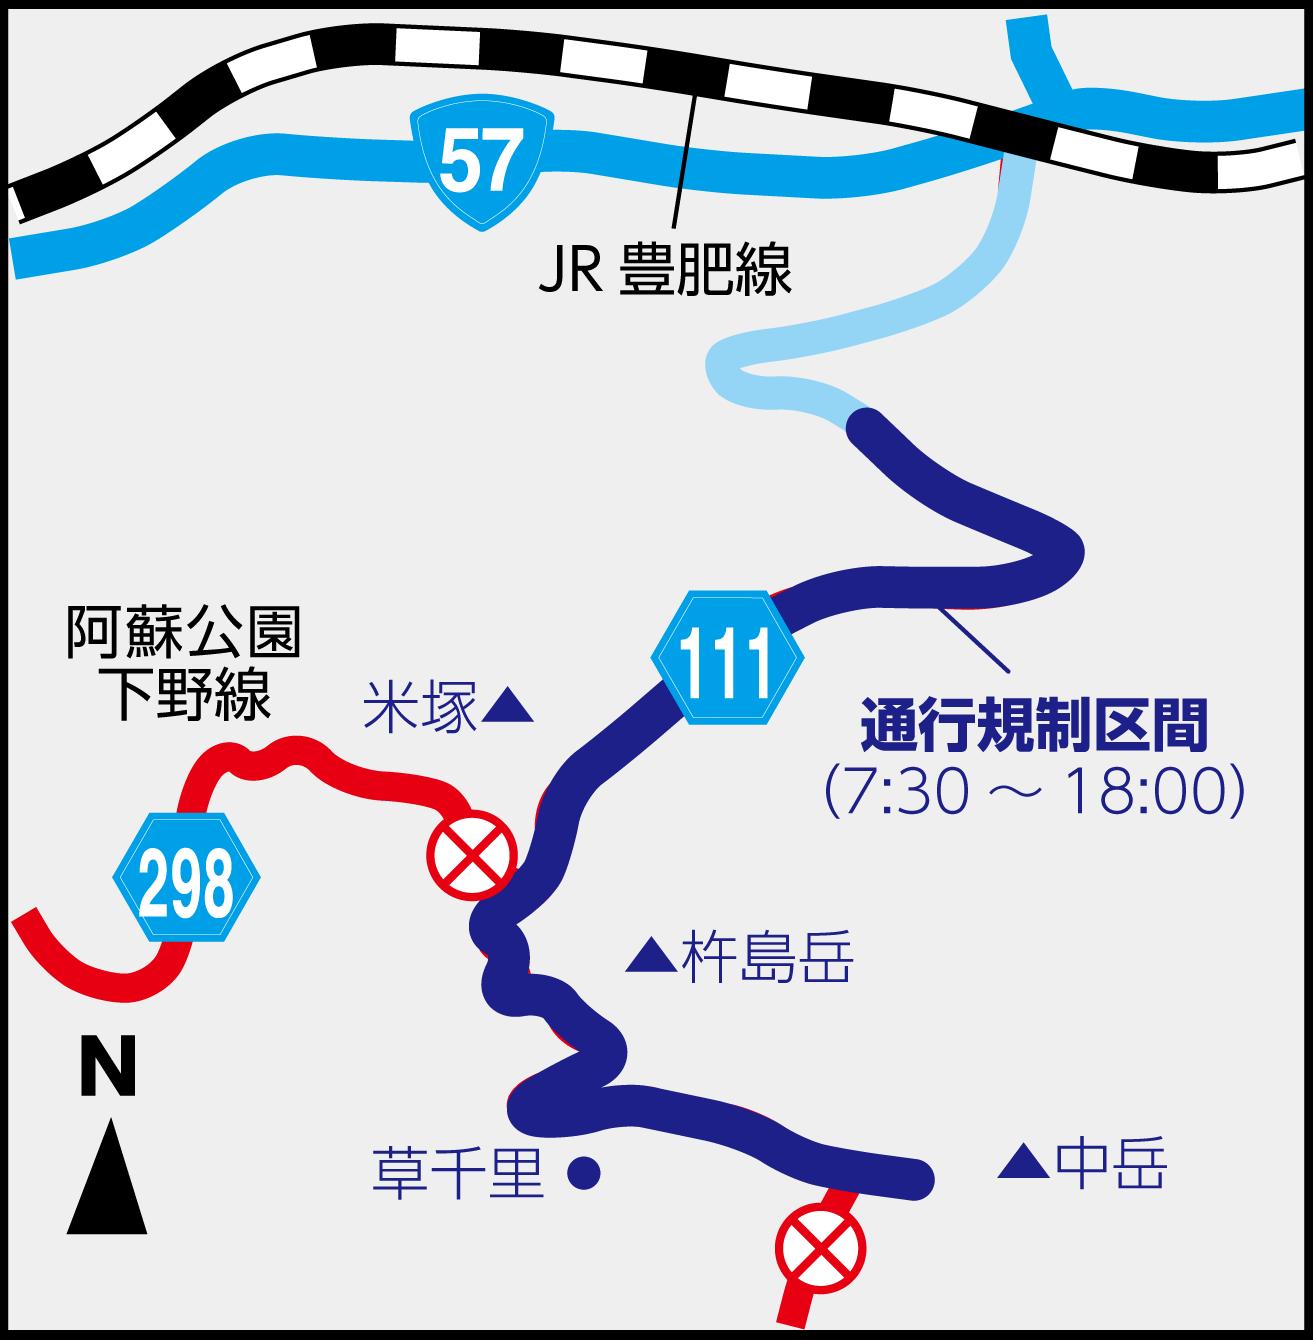 阿蘇登山道路(県道阿蘇吉田線)通行可能区間・規制状況図